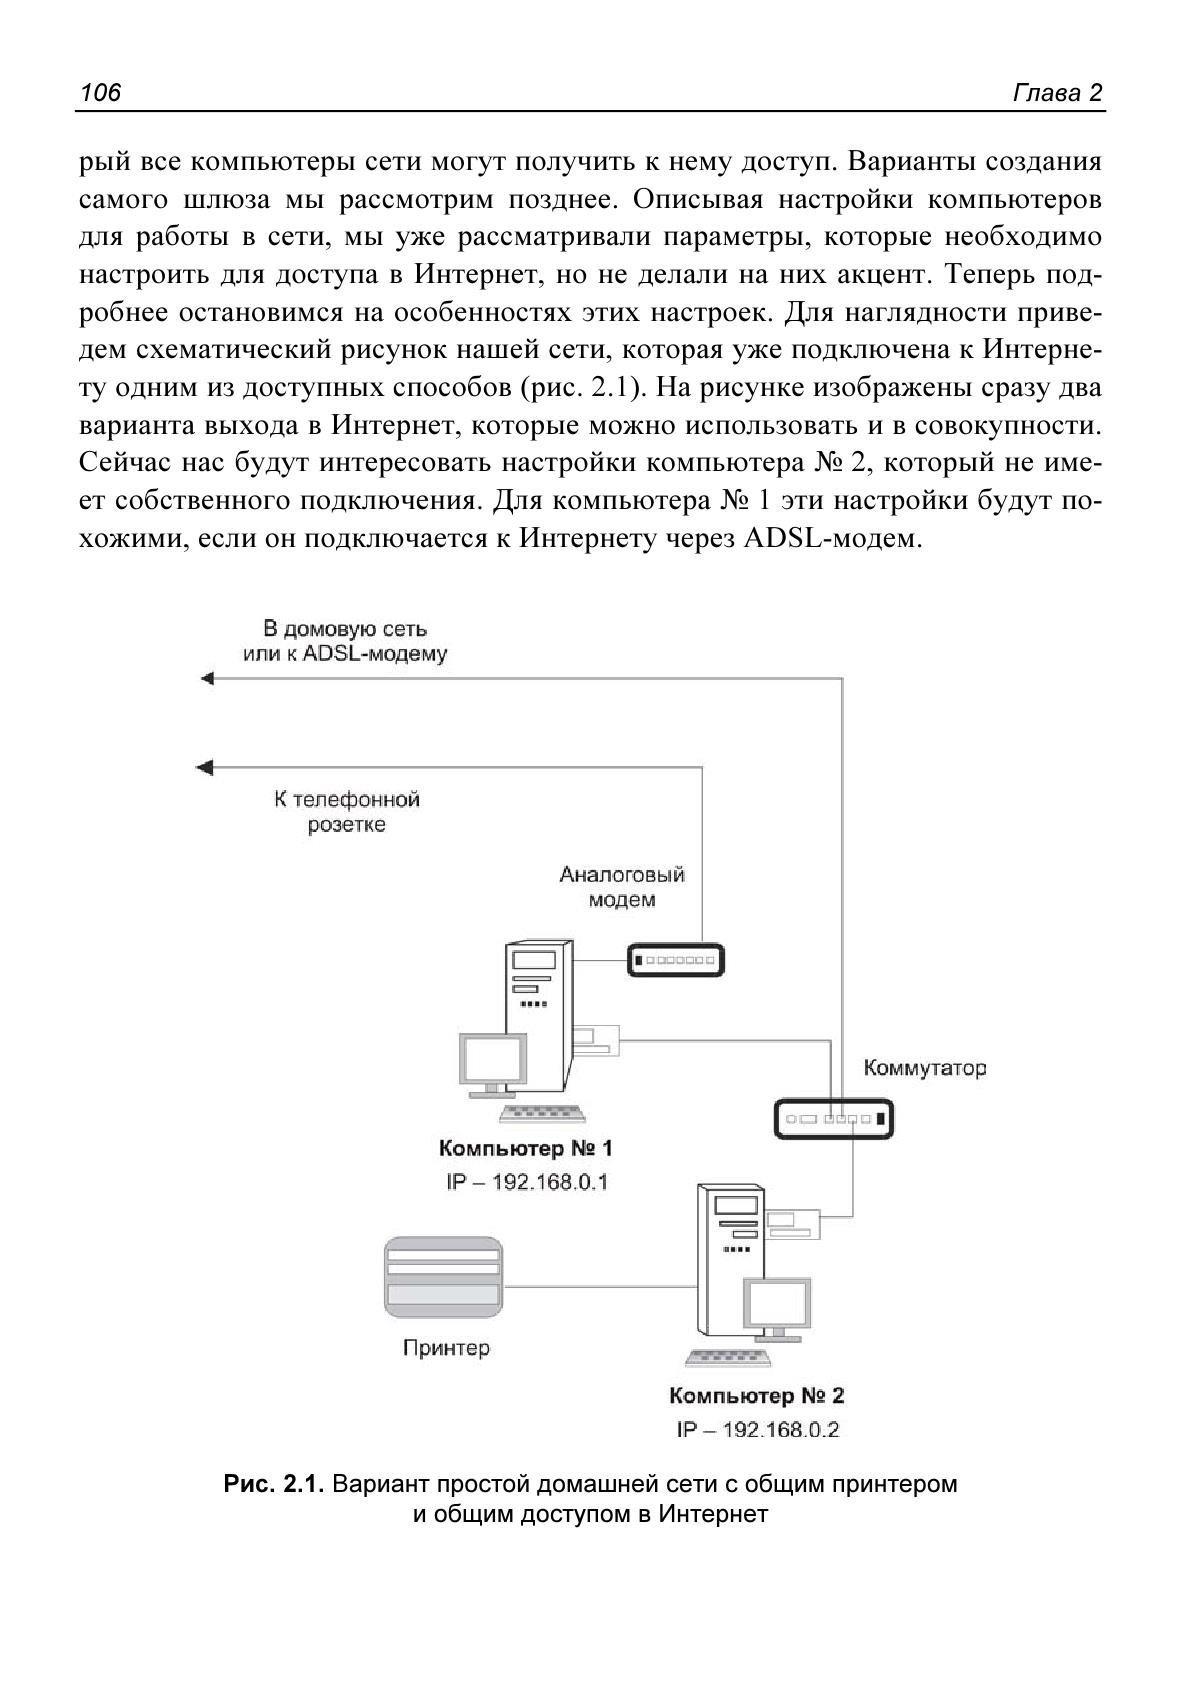 http://images.vfl.ru/ii/1407270289/9b4bd22e/5909287.jpg